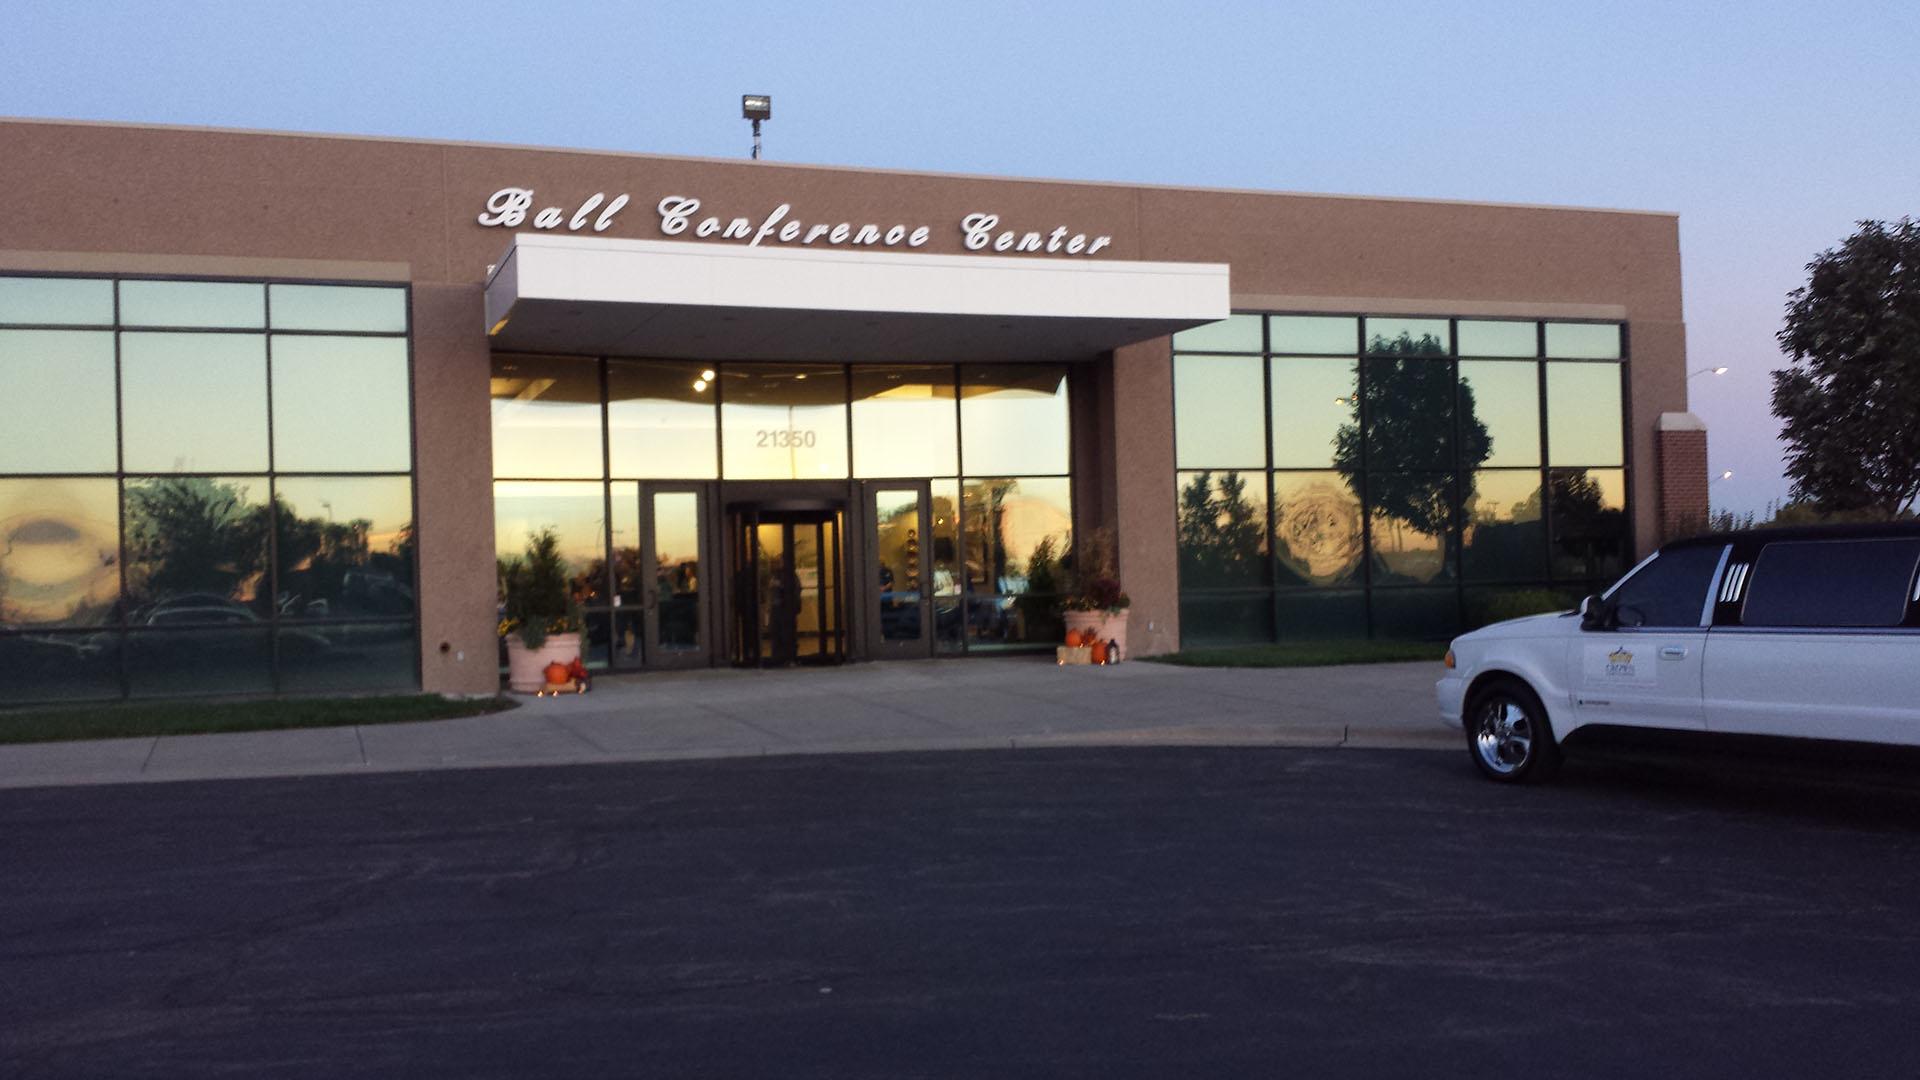 Ball Event Center Attends KC Weddings Bridal Spectacular